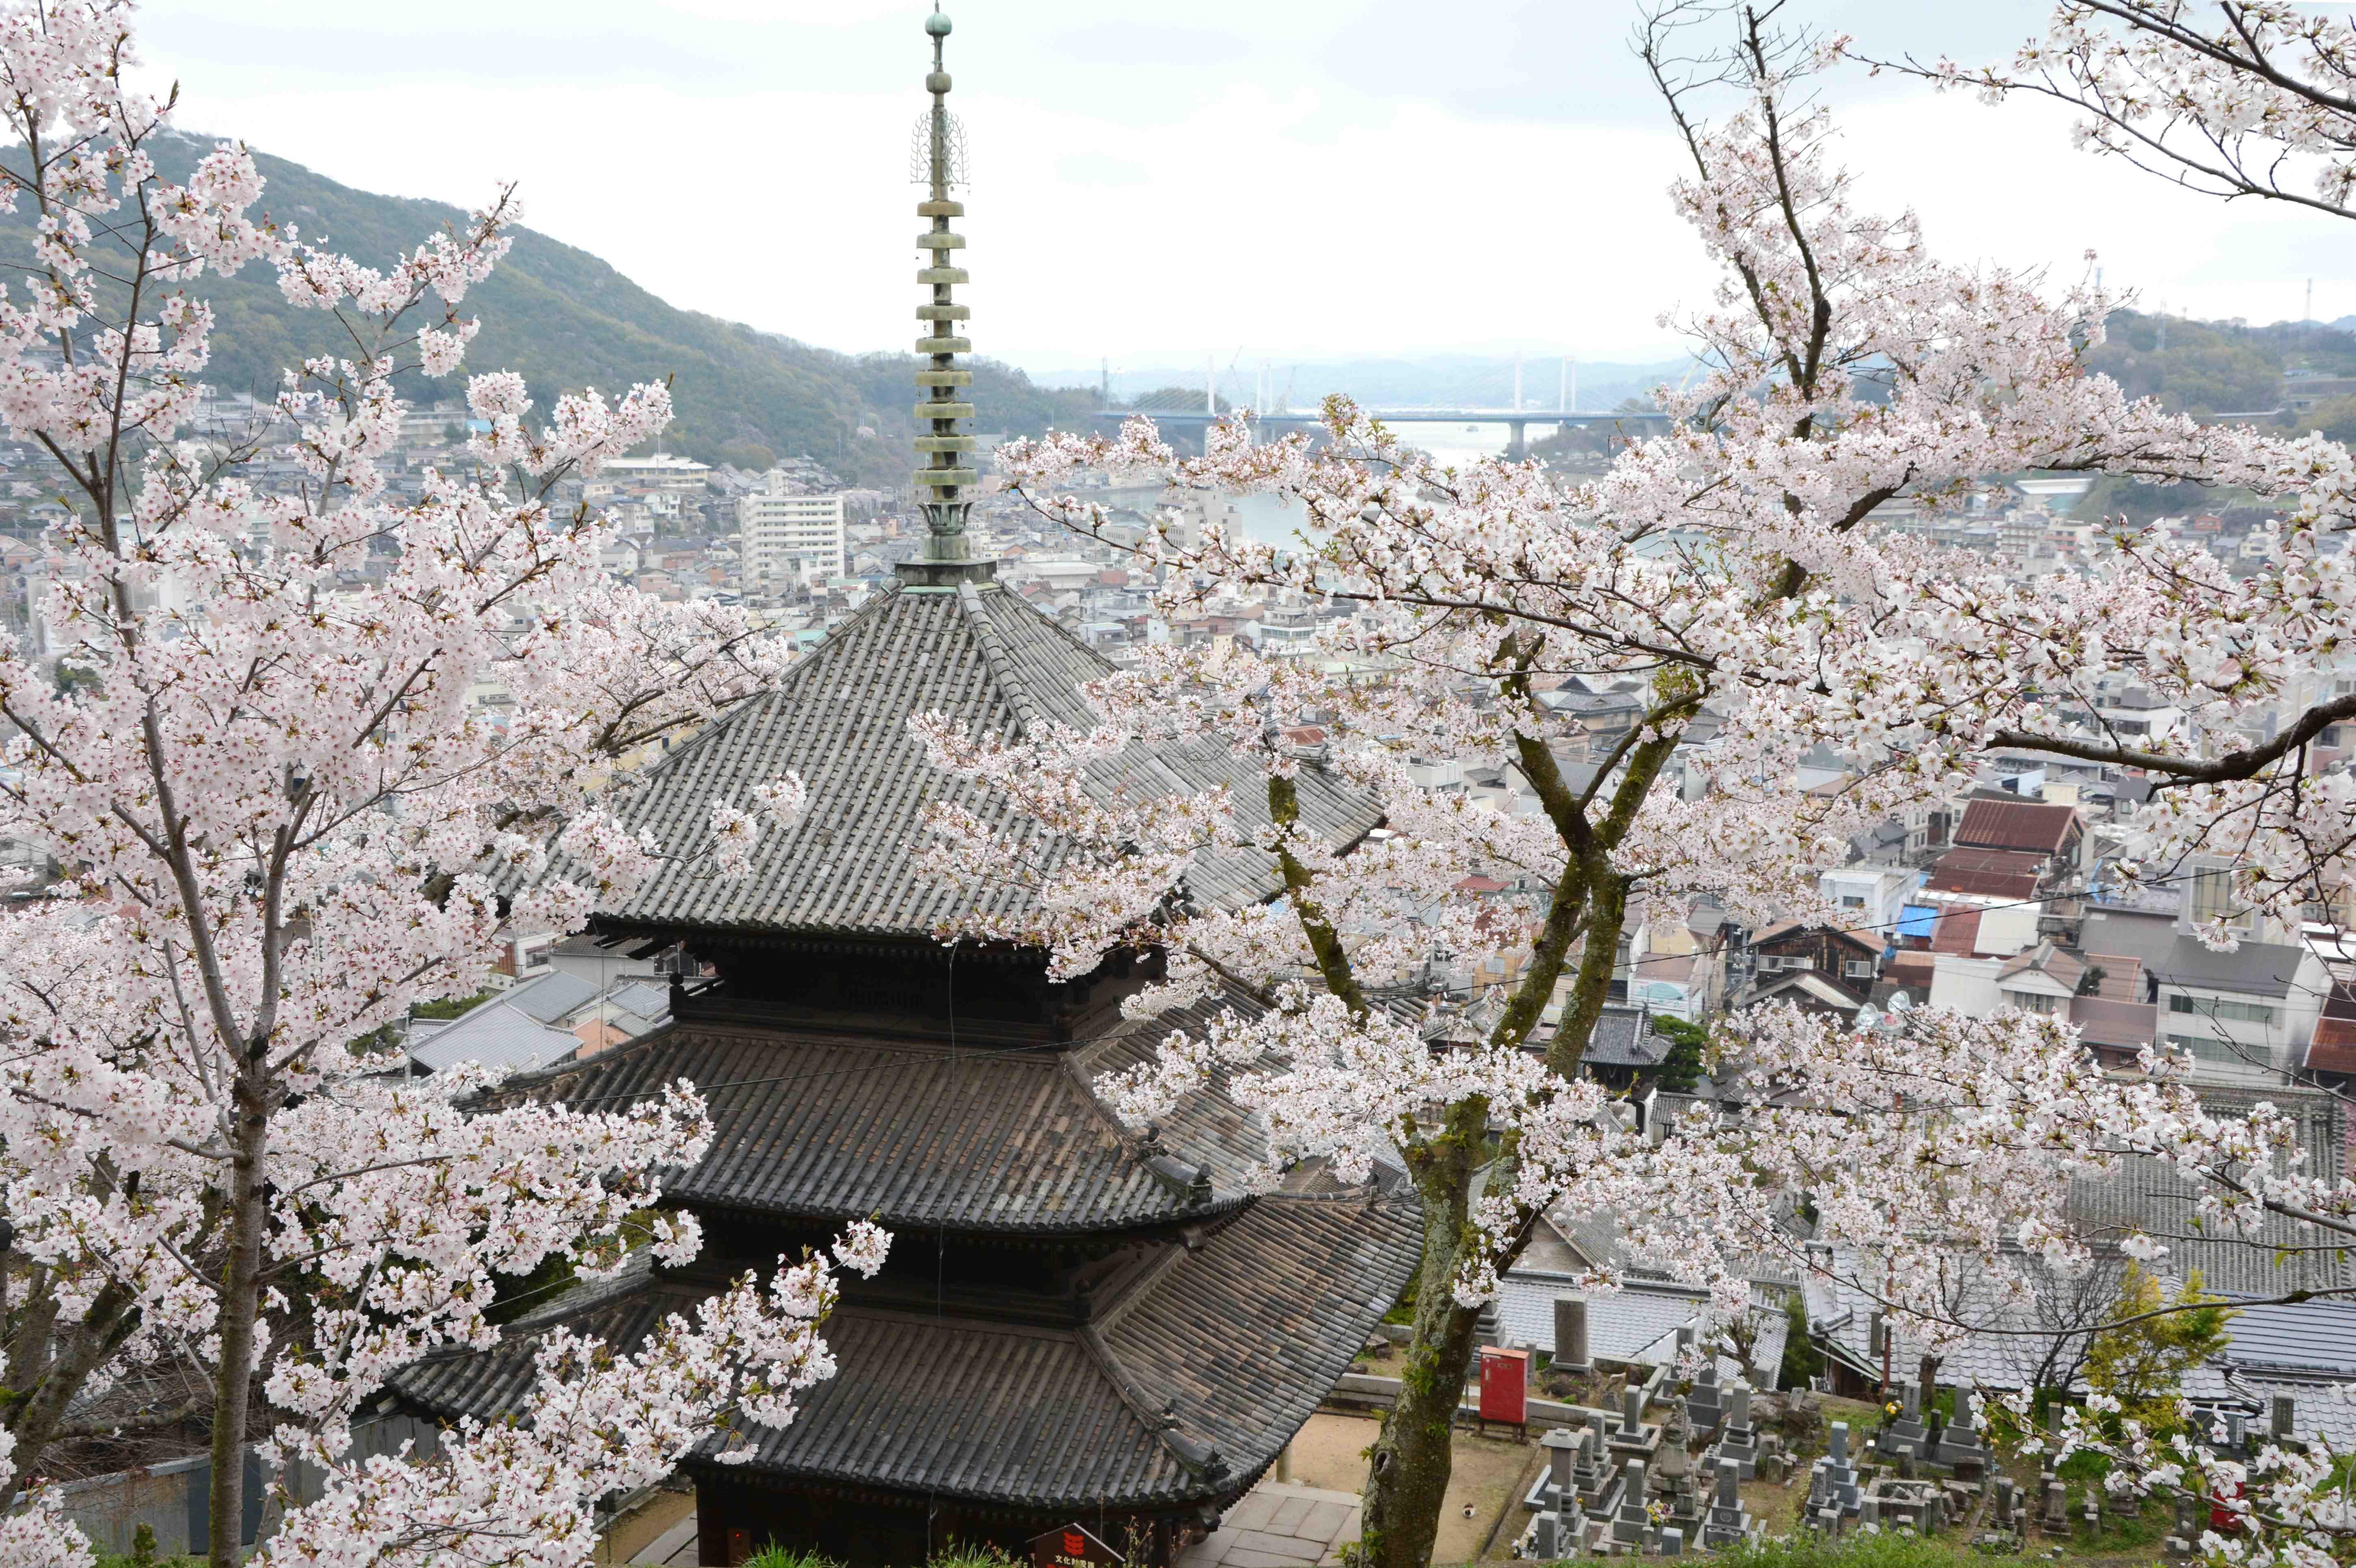 さくら咲く尾道。「日本三大桜」子孫樹のお花見を楽しんだ後は、一棟貸の町家でゆったり過ごす日本の春の休日。せとうち 湊のやど